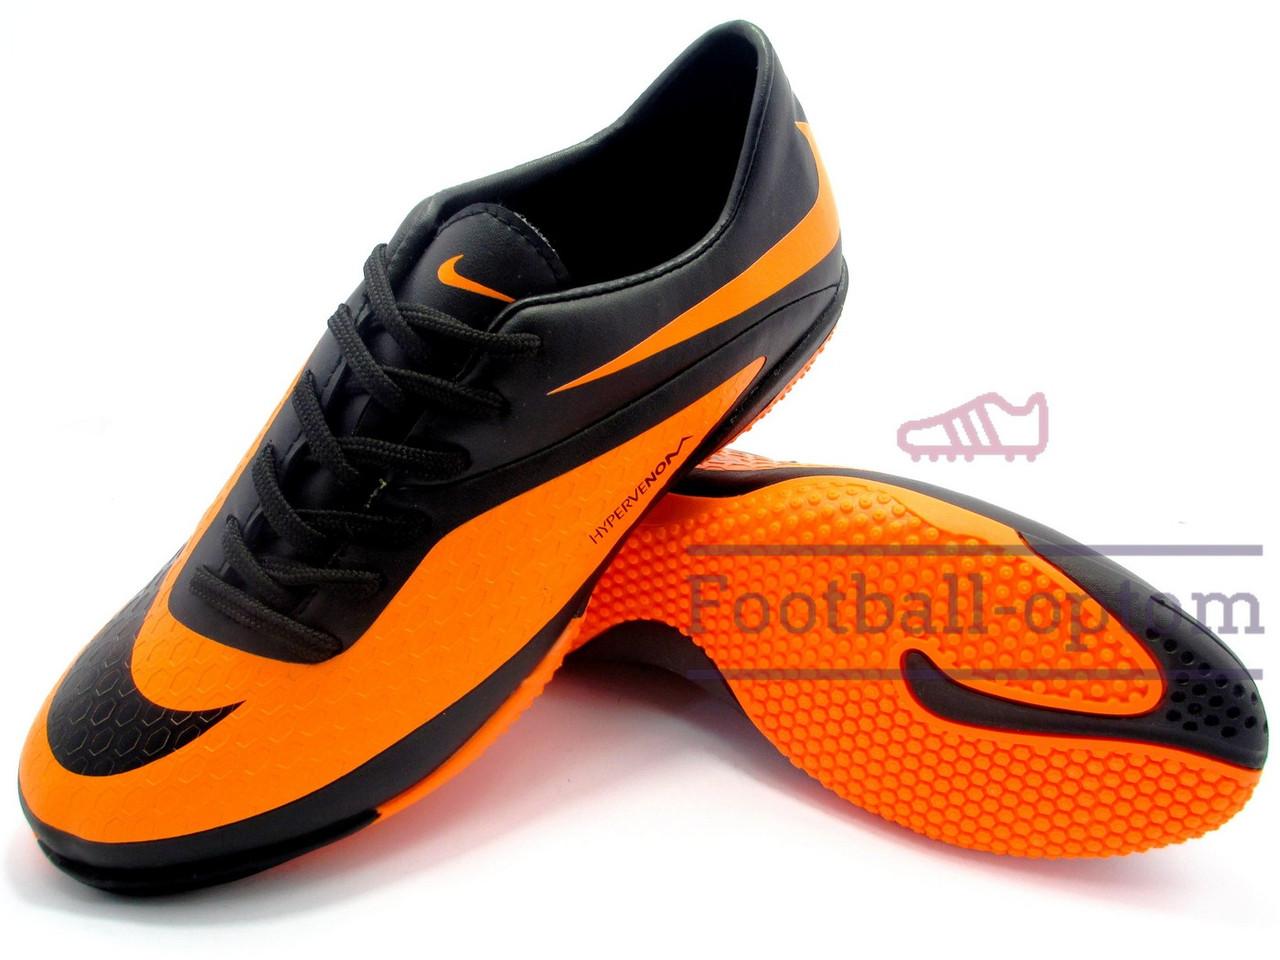 bc208becc284d8 Футзалки Nike Hypervenom Phantom\Найк Гипервеном Фантом, оранжево-черные,  к11389 - Футбольный